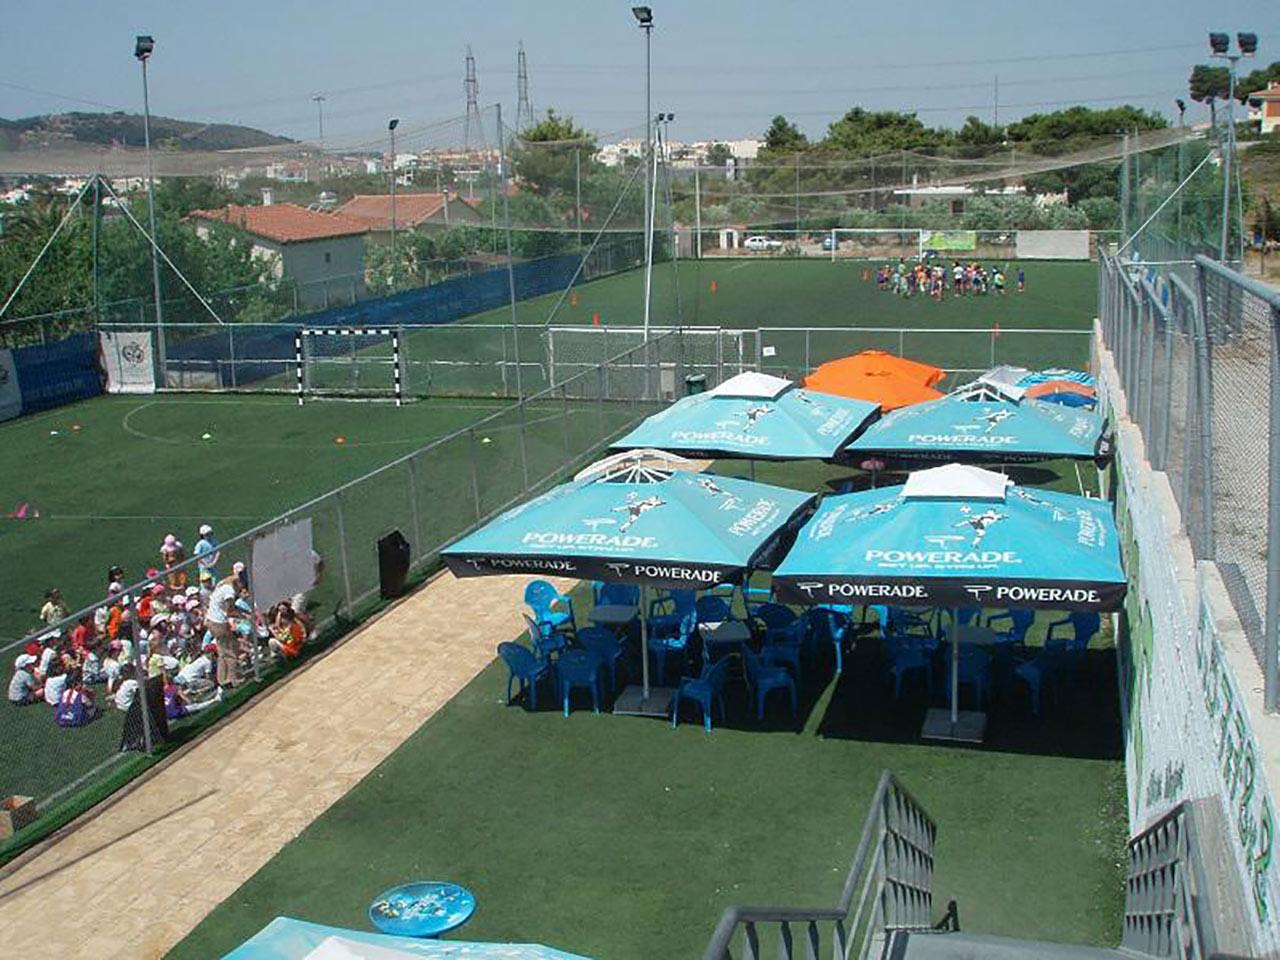 Πολυχώρος Αθλόπολις, Σίφνου & Μυτιλήνης, Ανθούσα - Νικητές FC - Καλλιεργούμε τη νοοτροπία του Νικητή! - Γέρακας, Παλλήνη